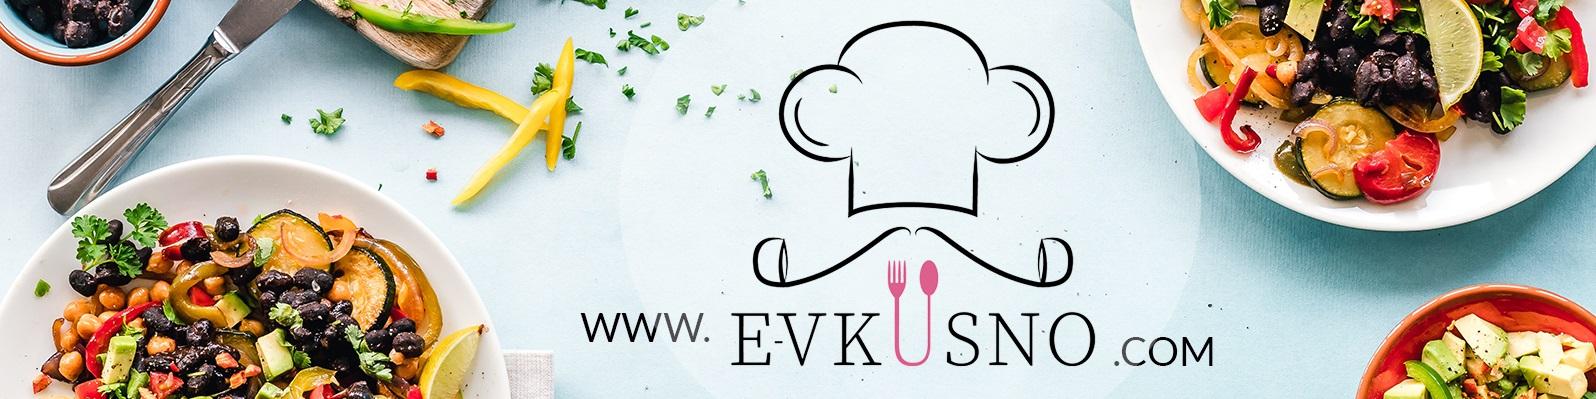 www.E-VKUSNO.com